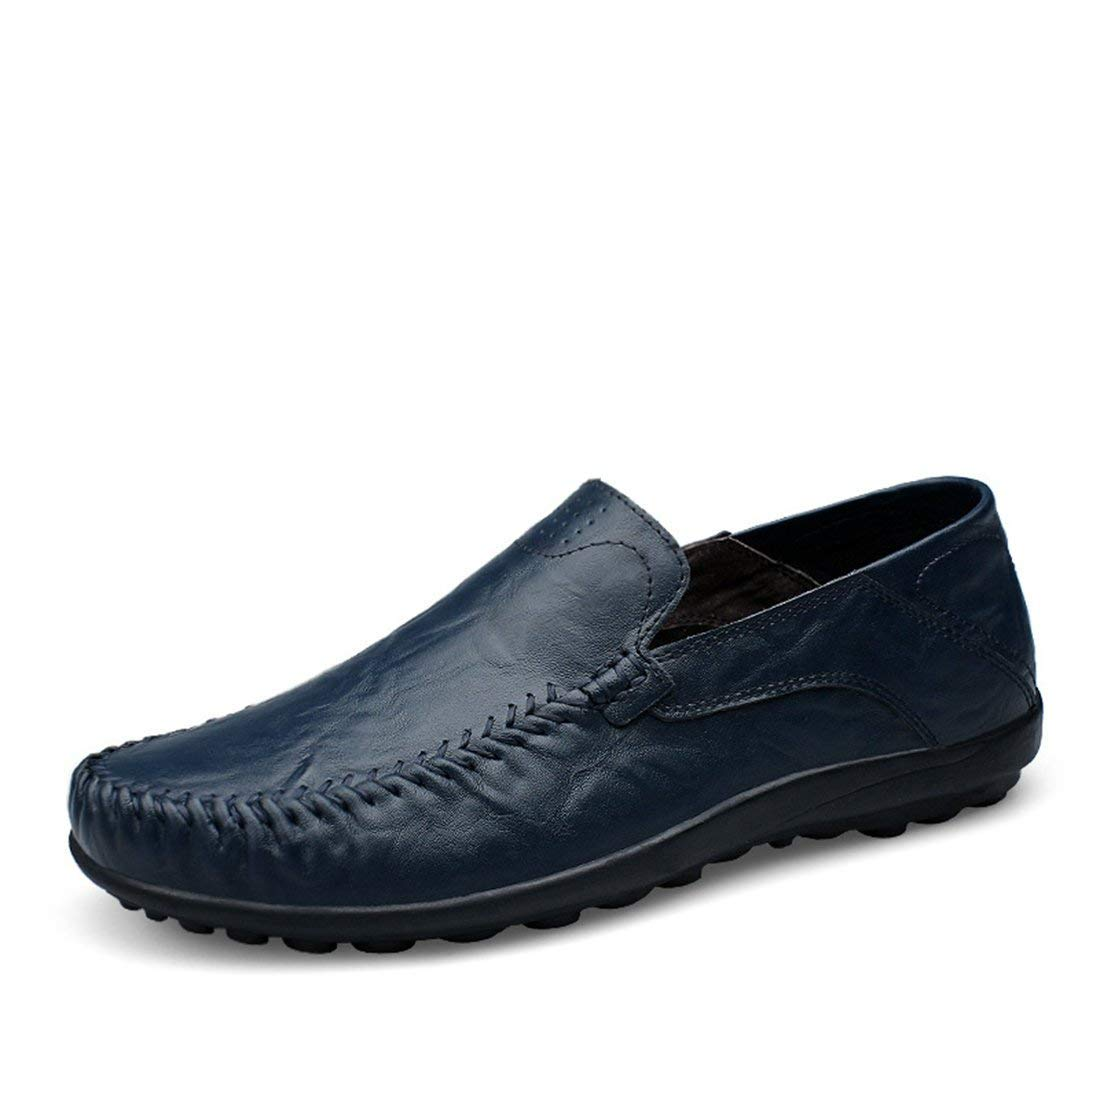 Qiusa Herren Slim-Ons Dunkelblaue Casual Penny Loafers UK 7.5 (Farbe   -, Größe   -)